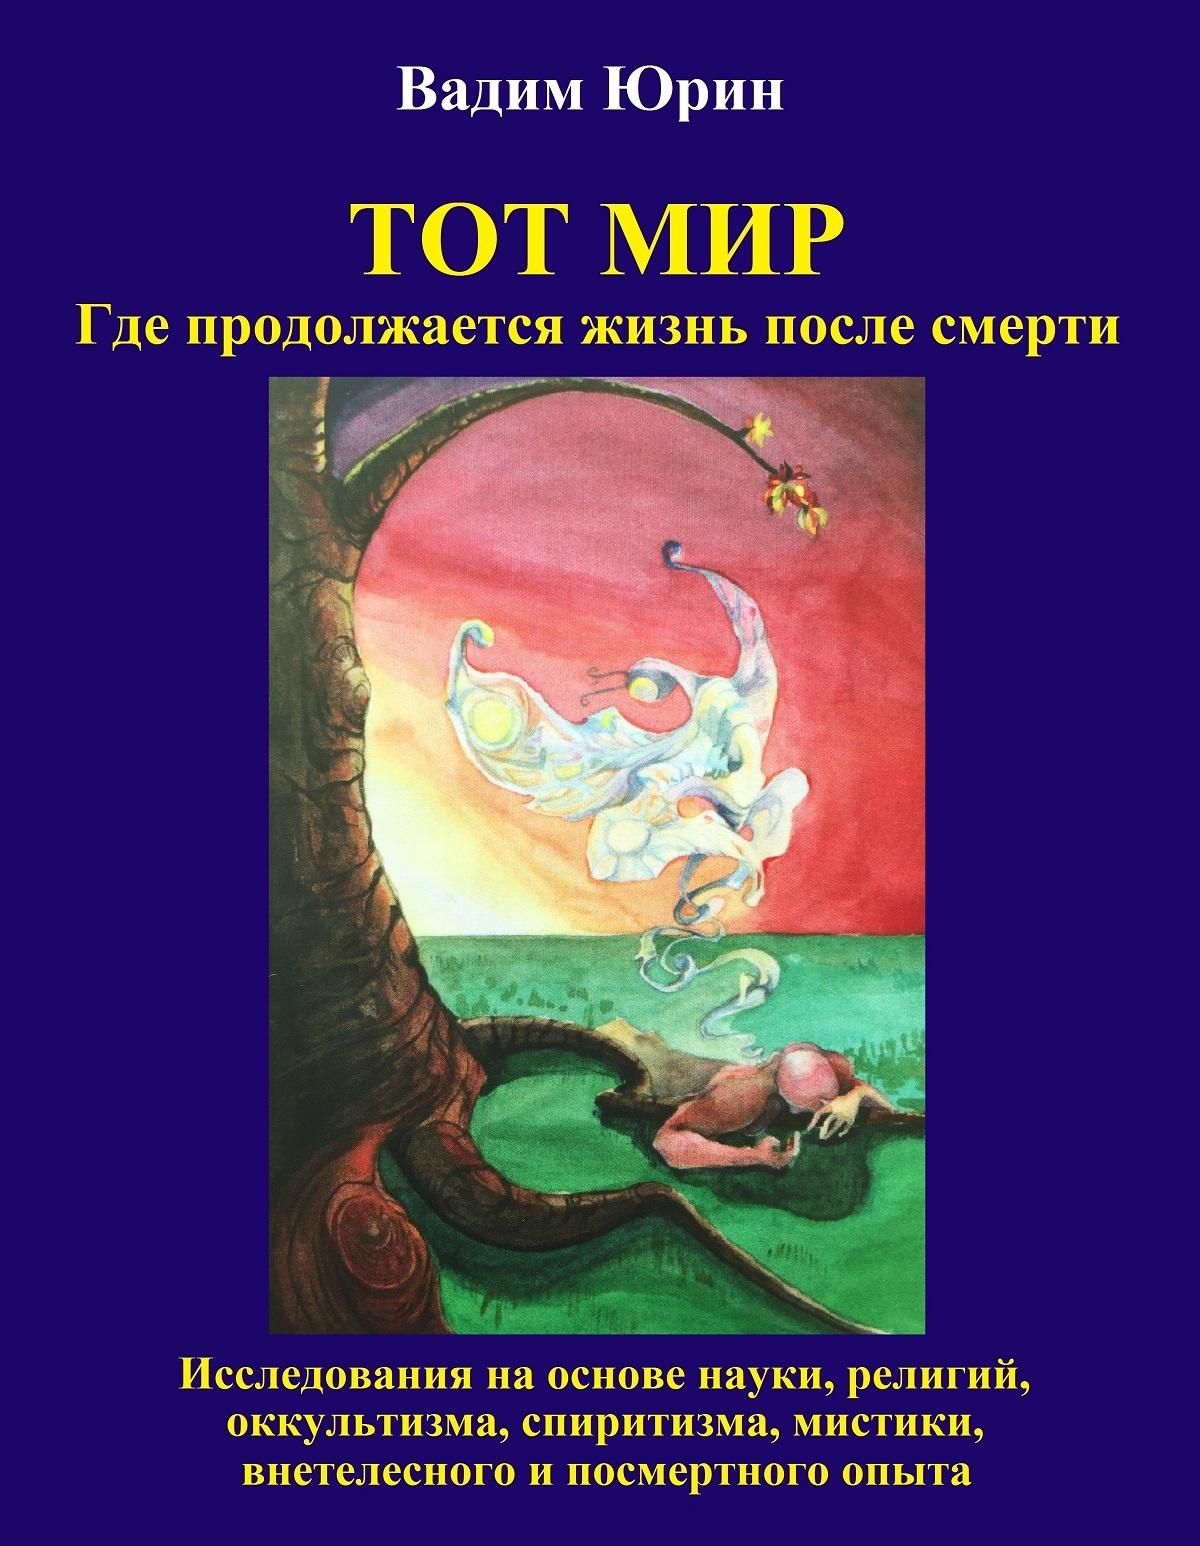 Vadim Konstantinovich Iurin Тот Мир, Где продолжается жизнь после смерти